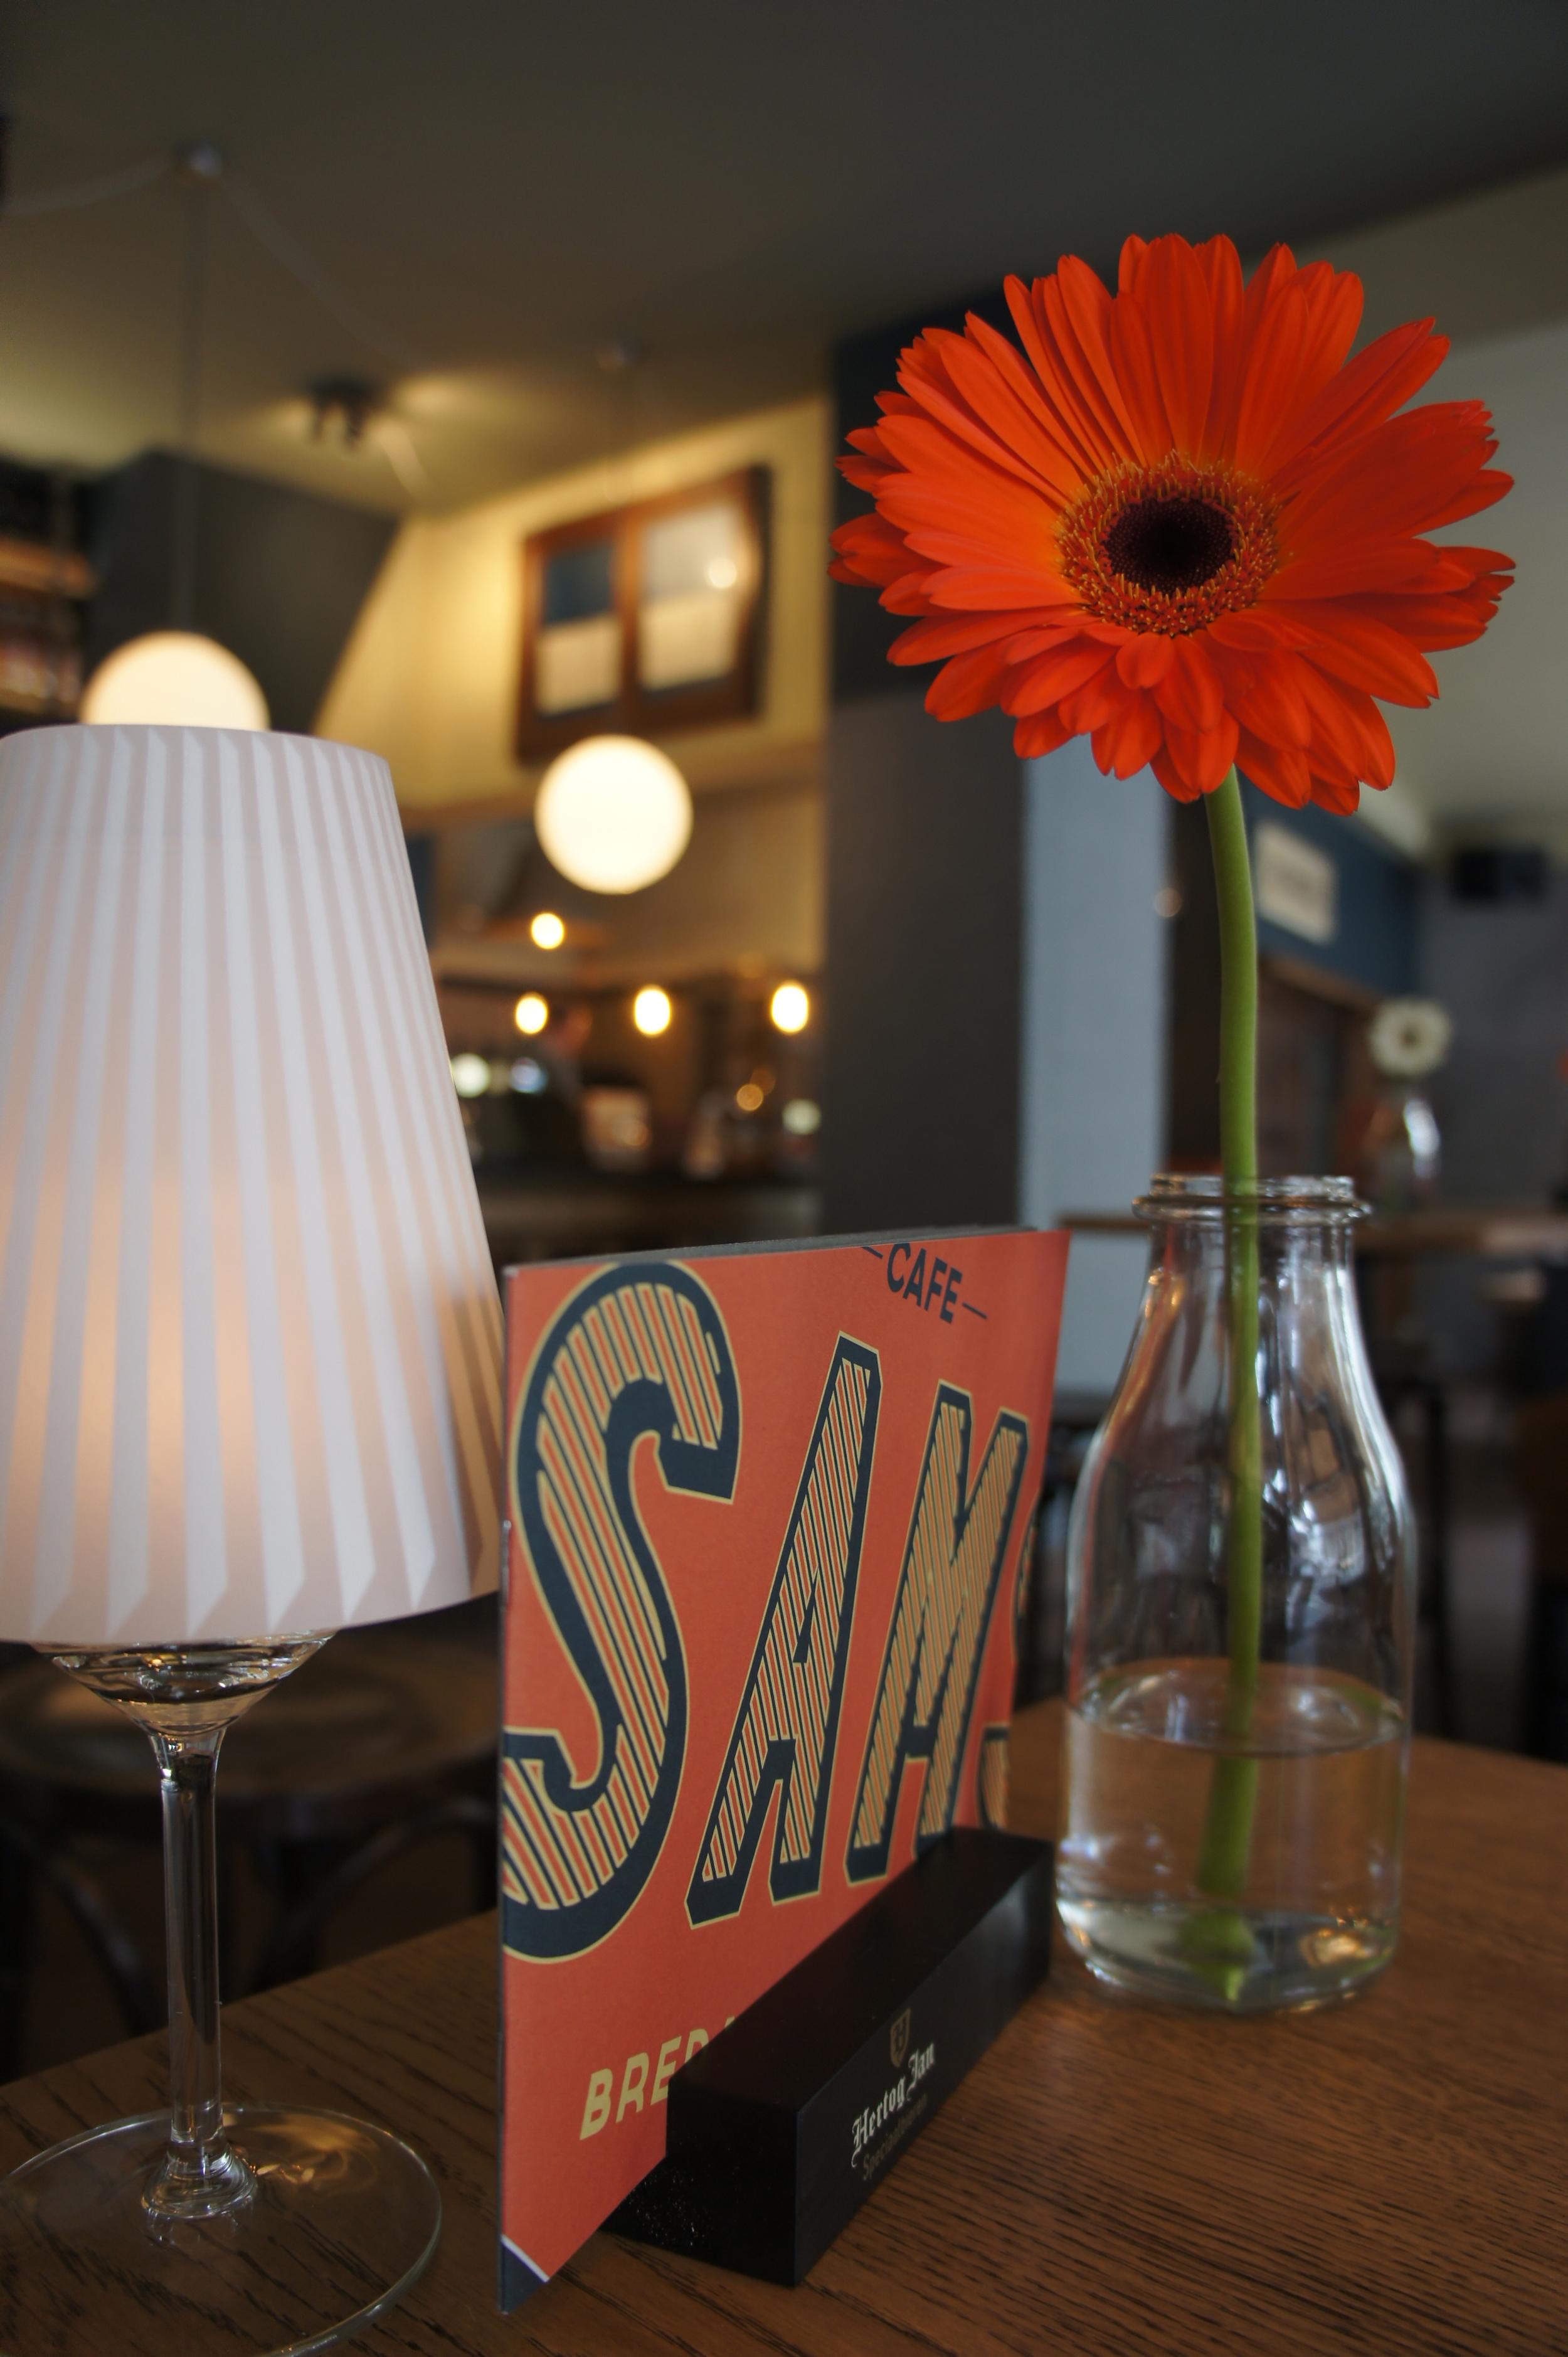 cafe samsam2.jpg